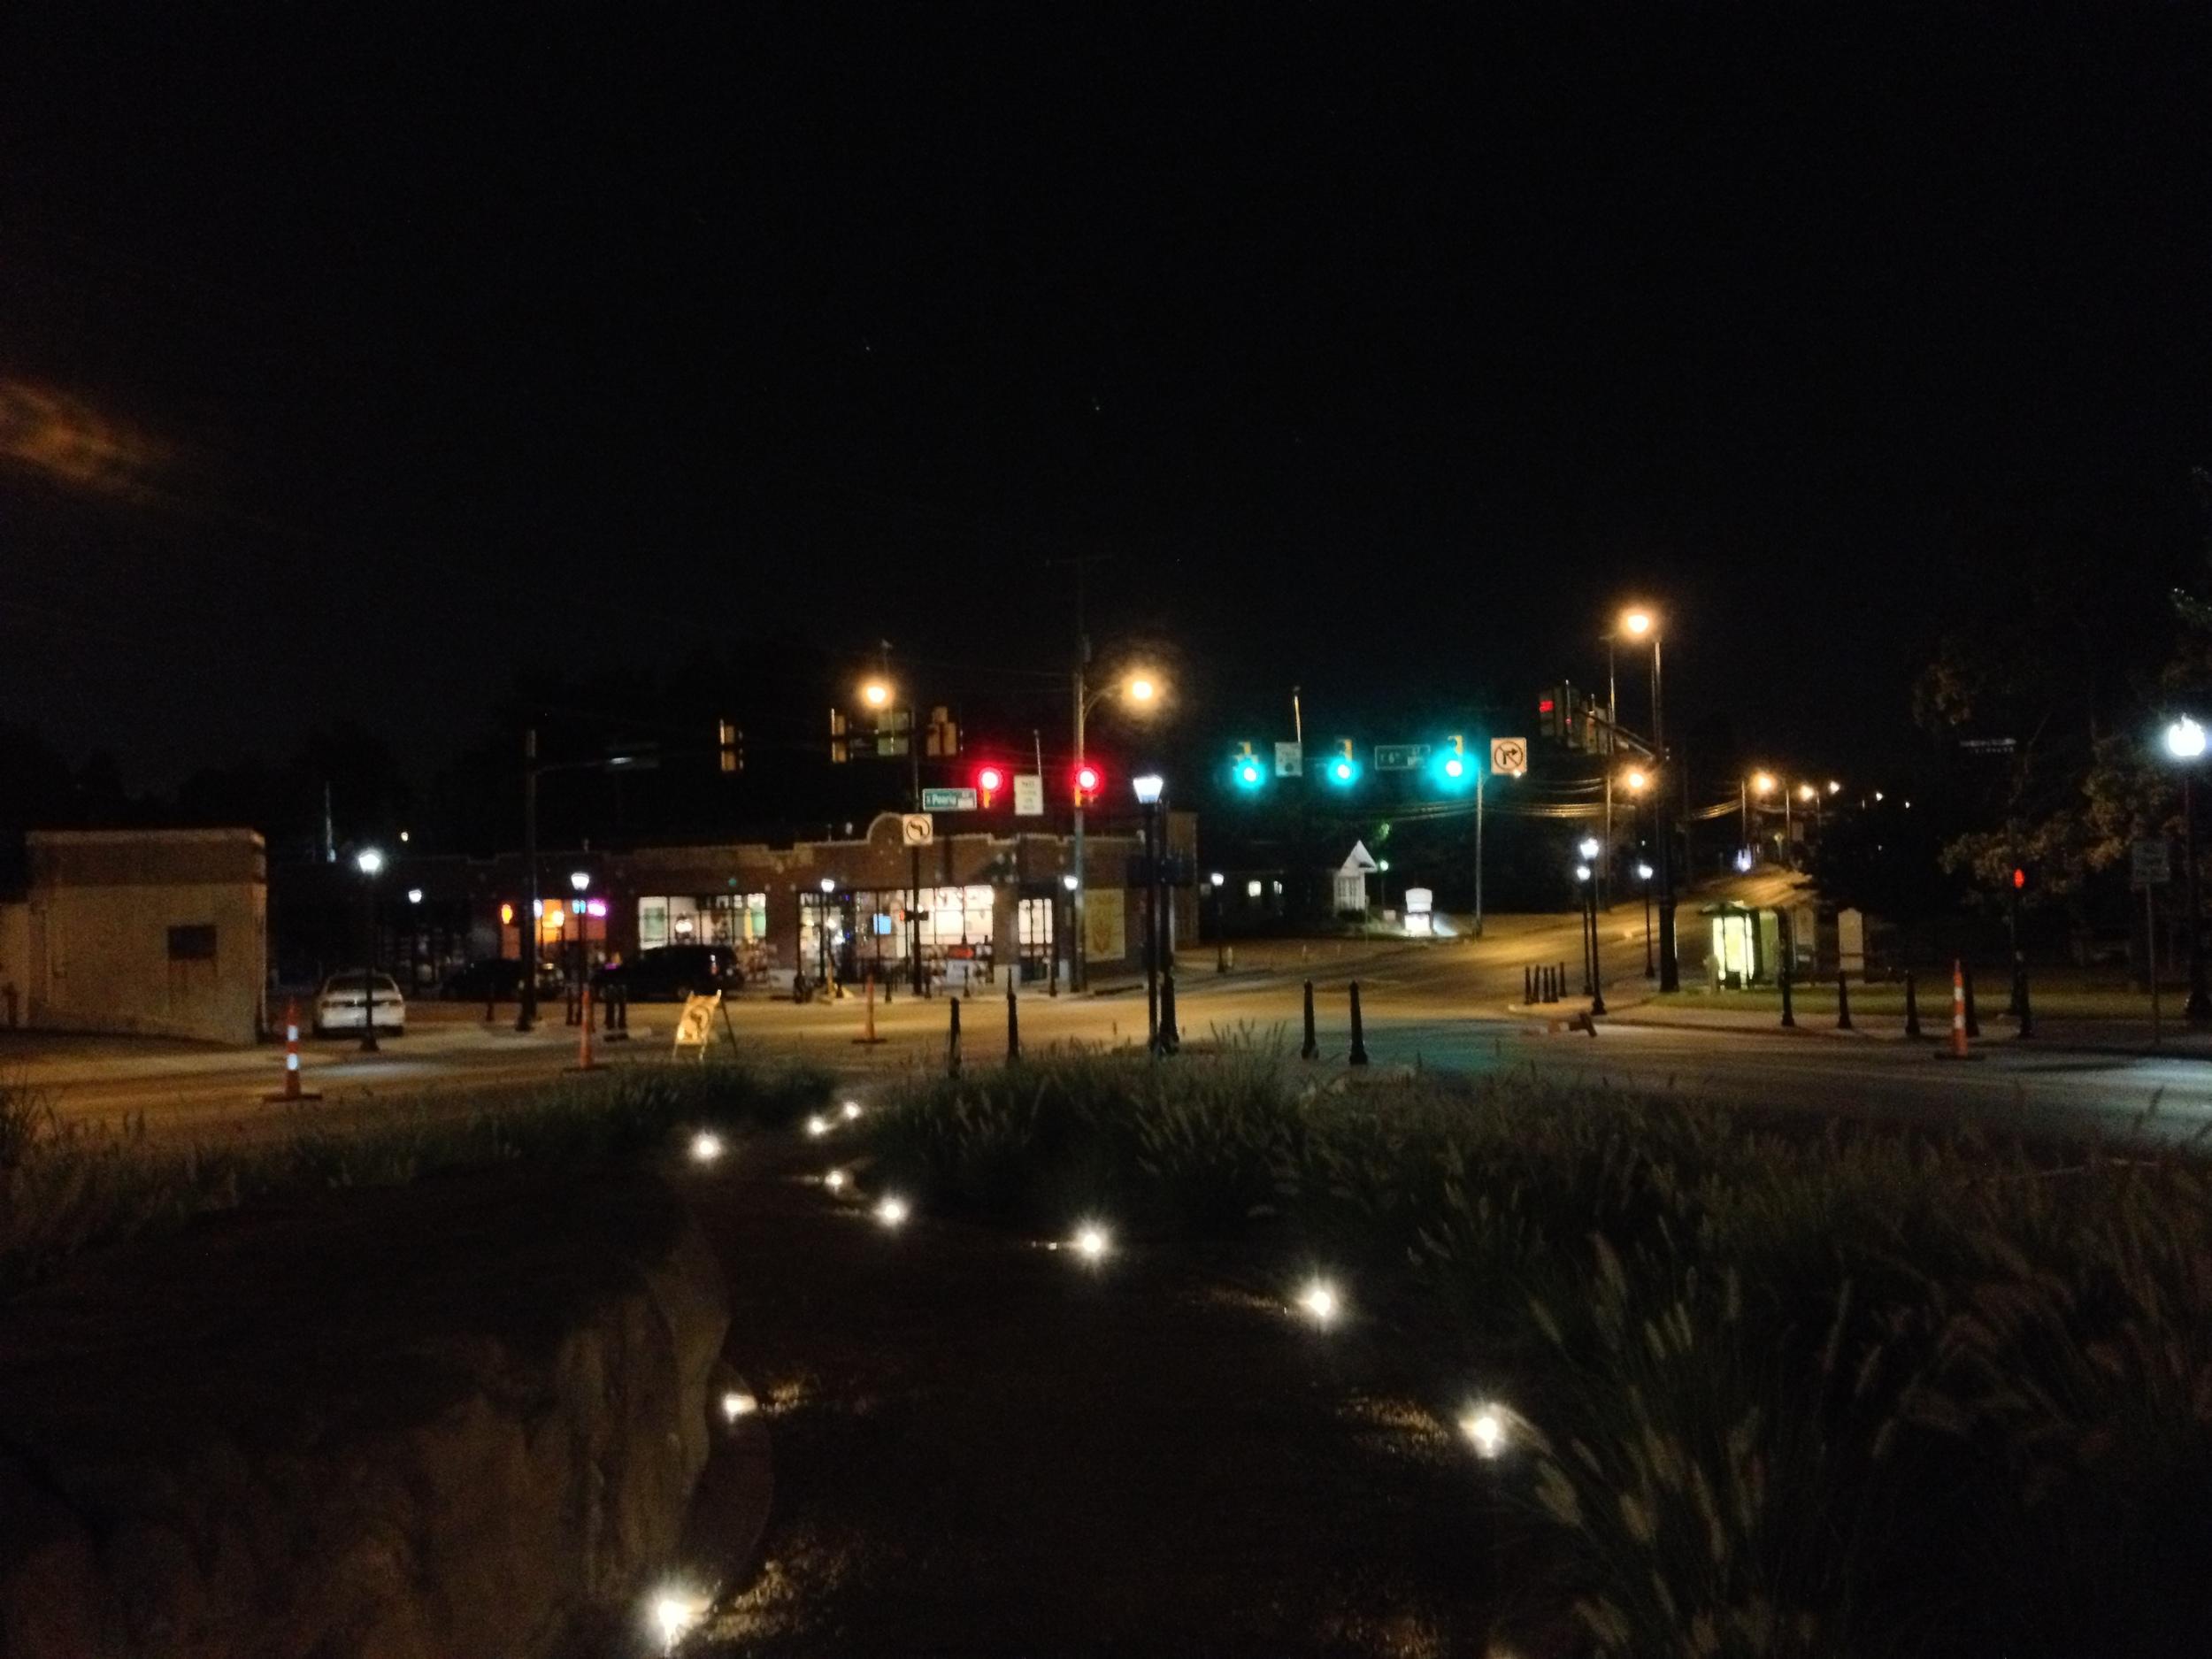 Driving in Tulsa, Oklahoma at night